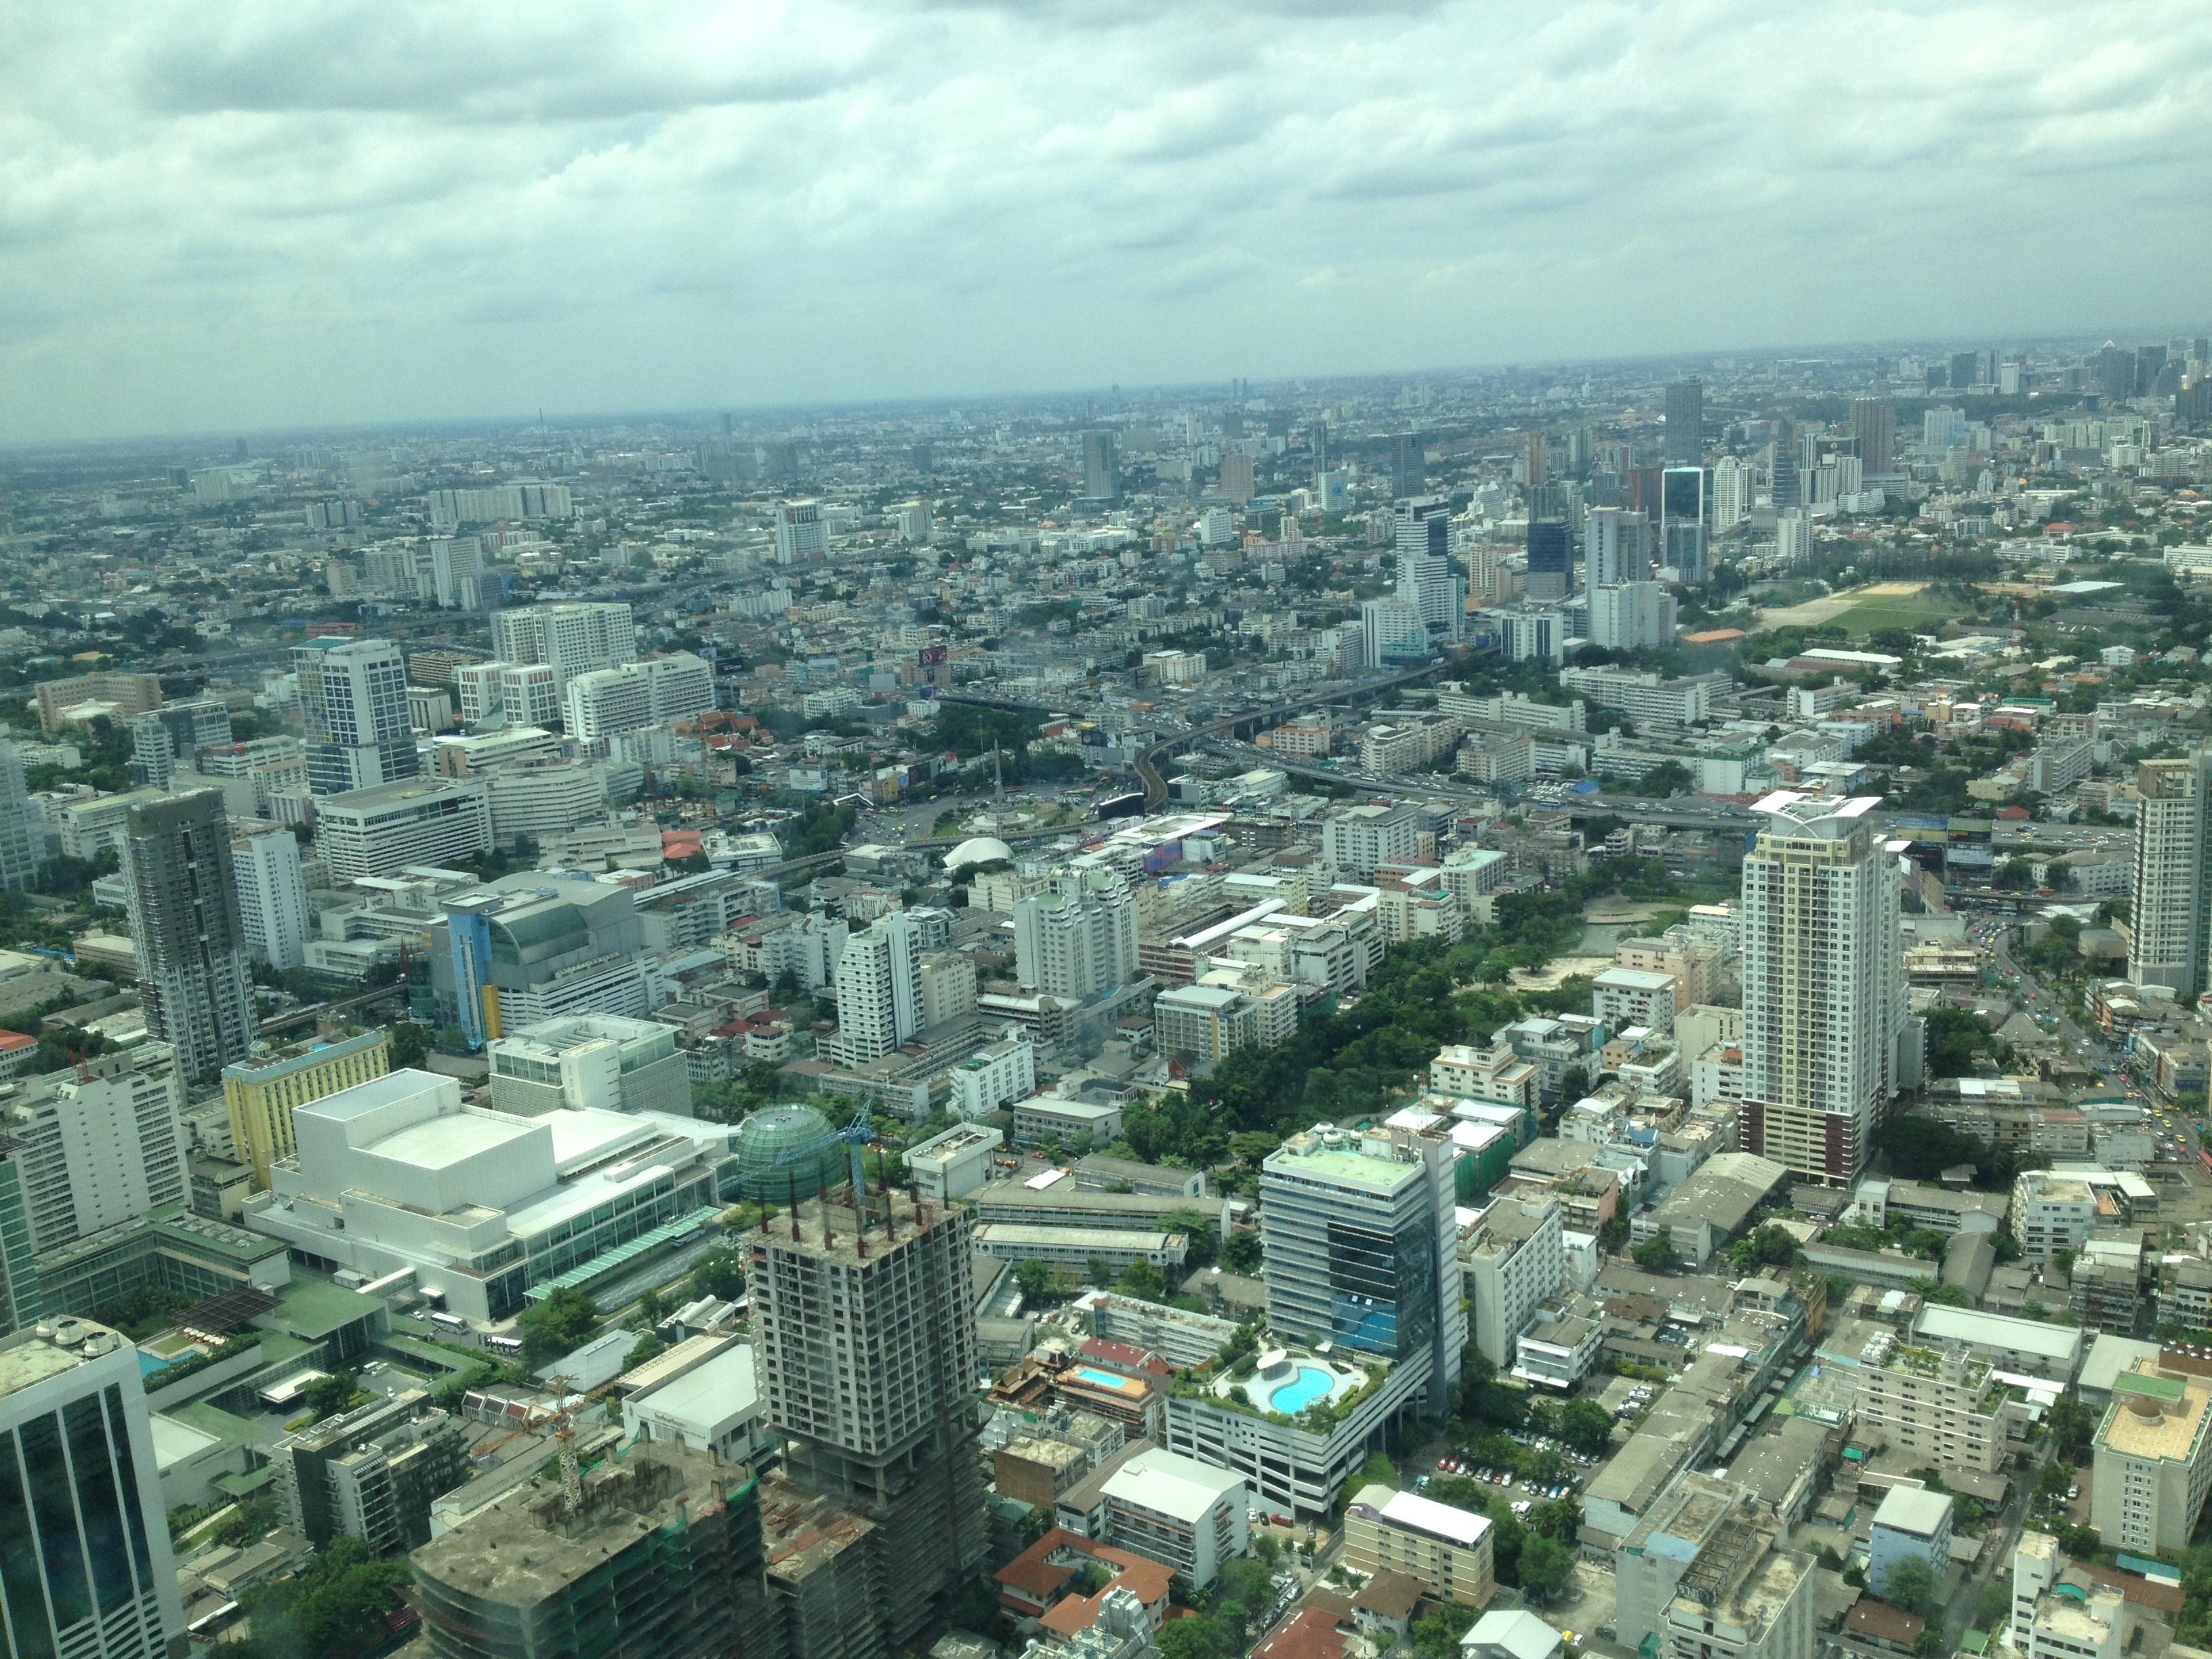 76层白玉楼空中餐厅_泰开心!6天5晚泰国跟团浅度游~ - 芭提雅游记攻略【携程攻略】